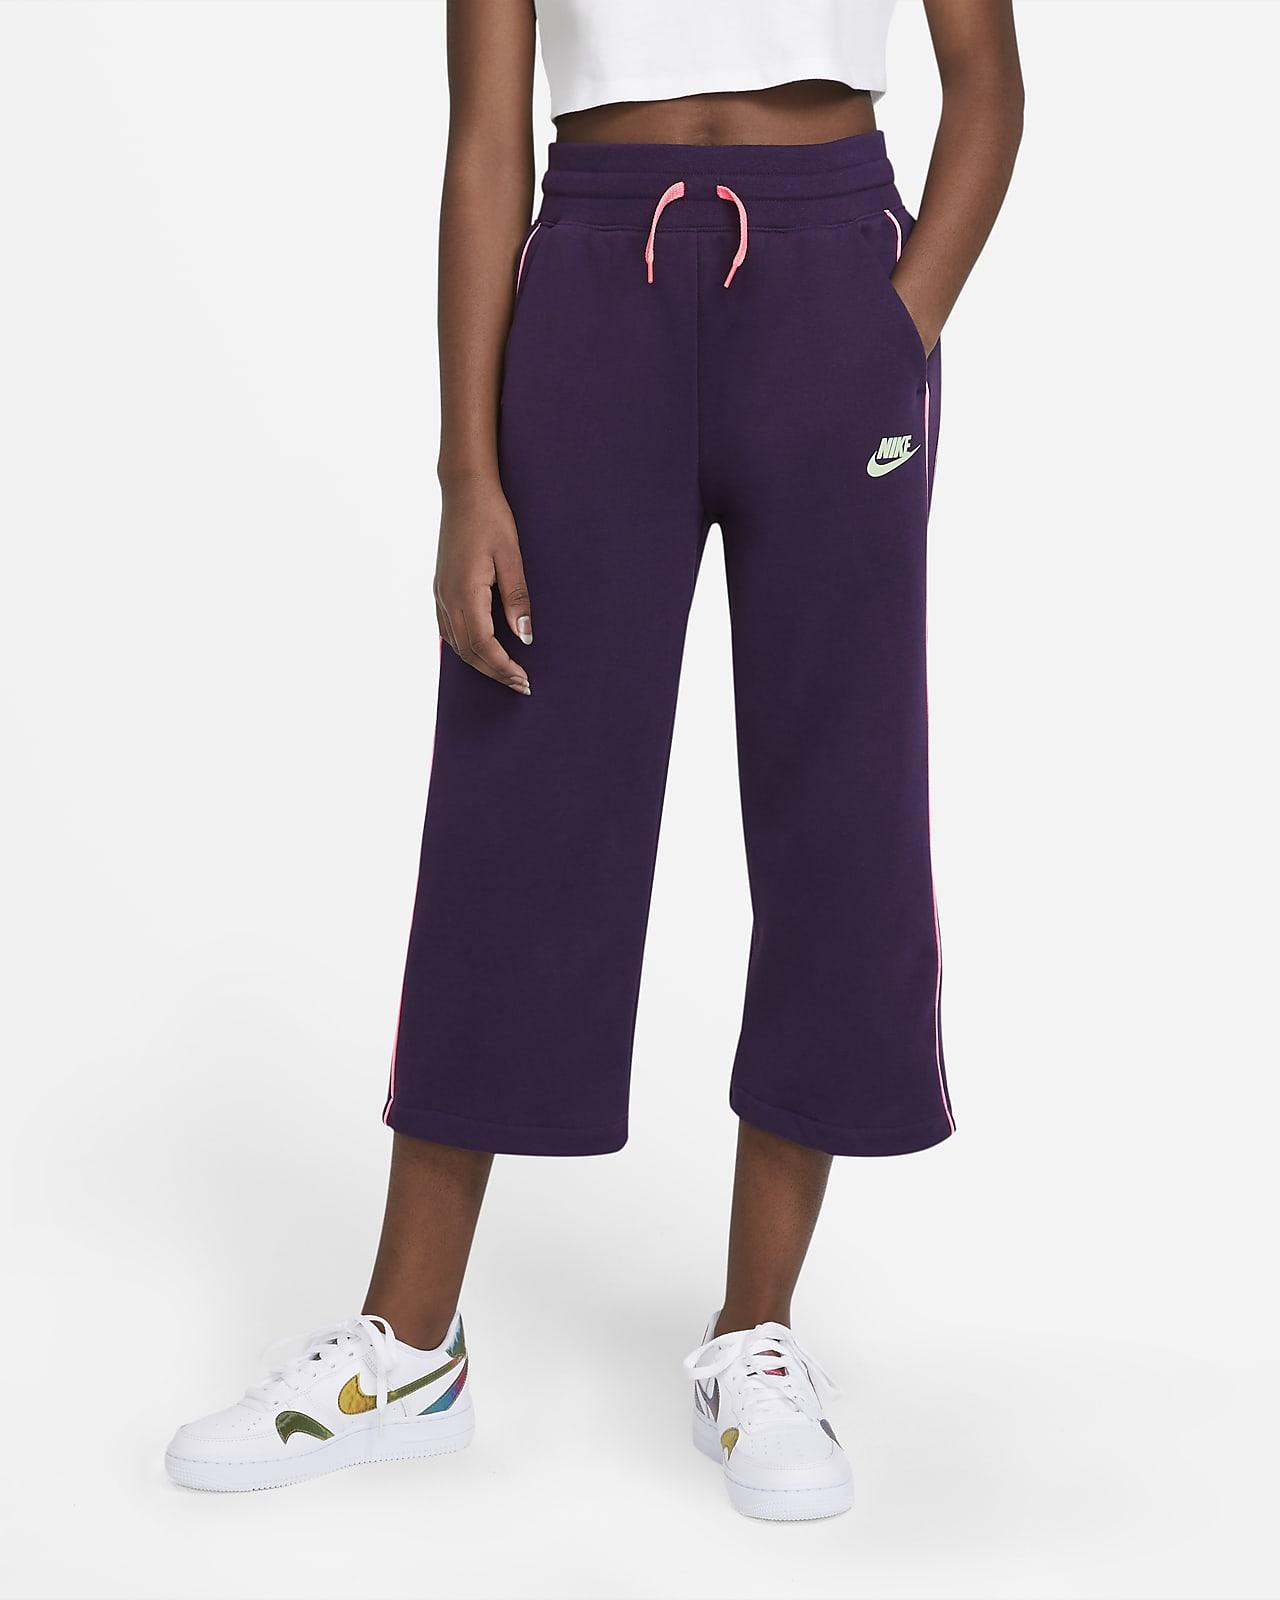 Nike Sportswear Older Kids' (Girls') French Terry Trousers